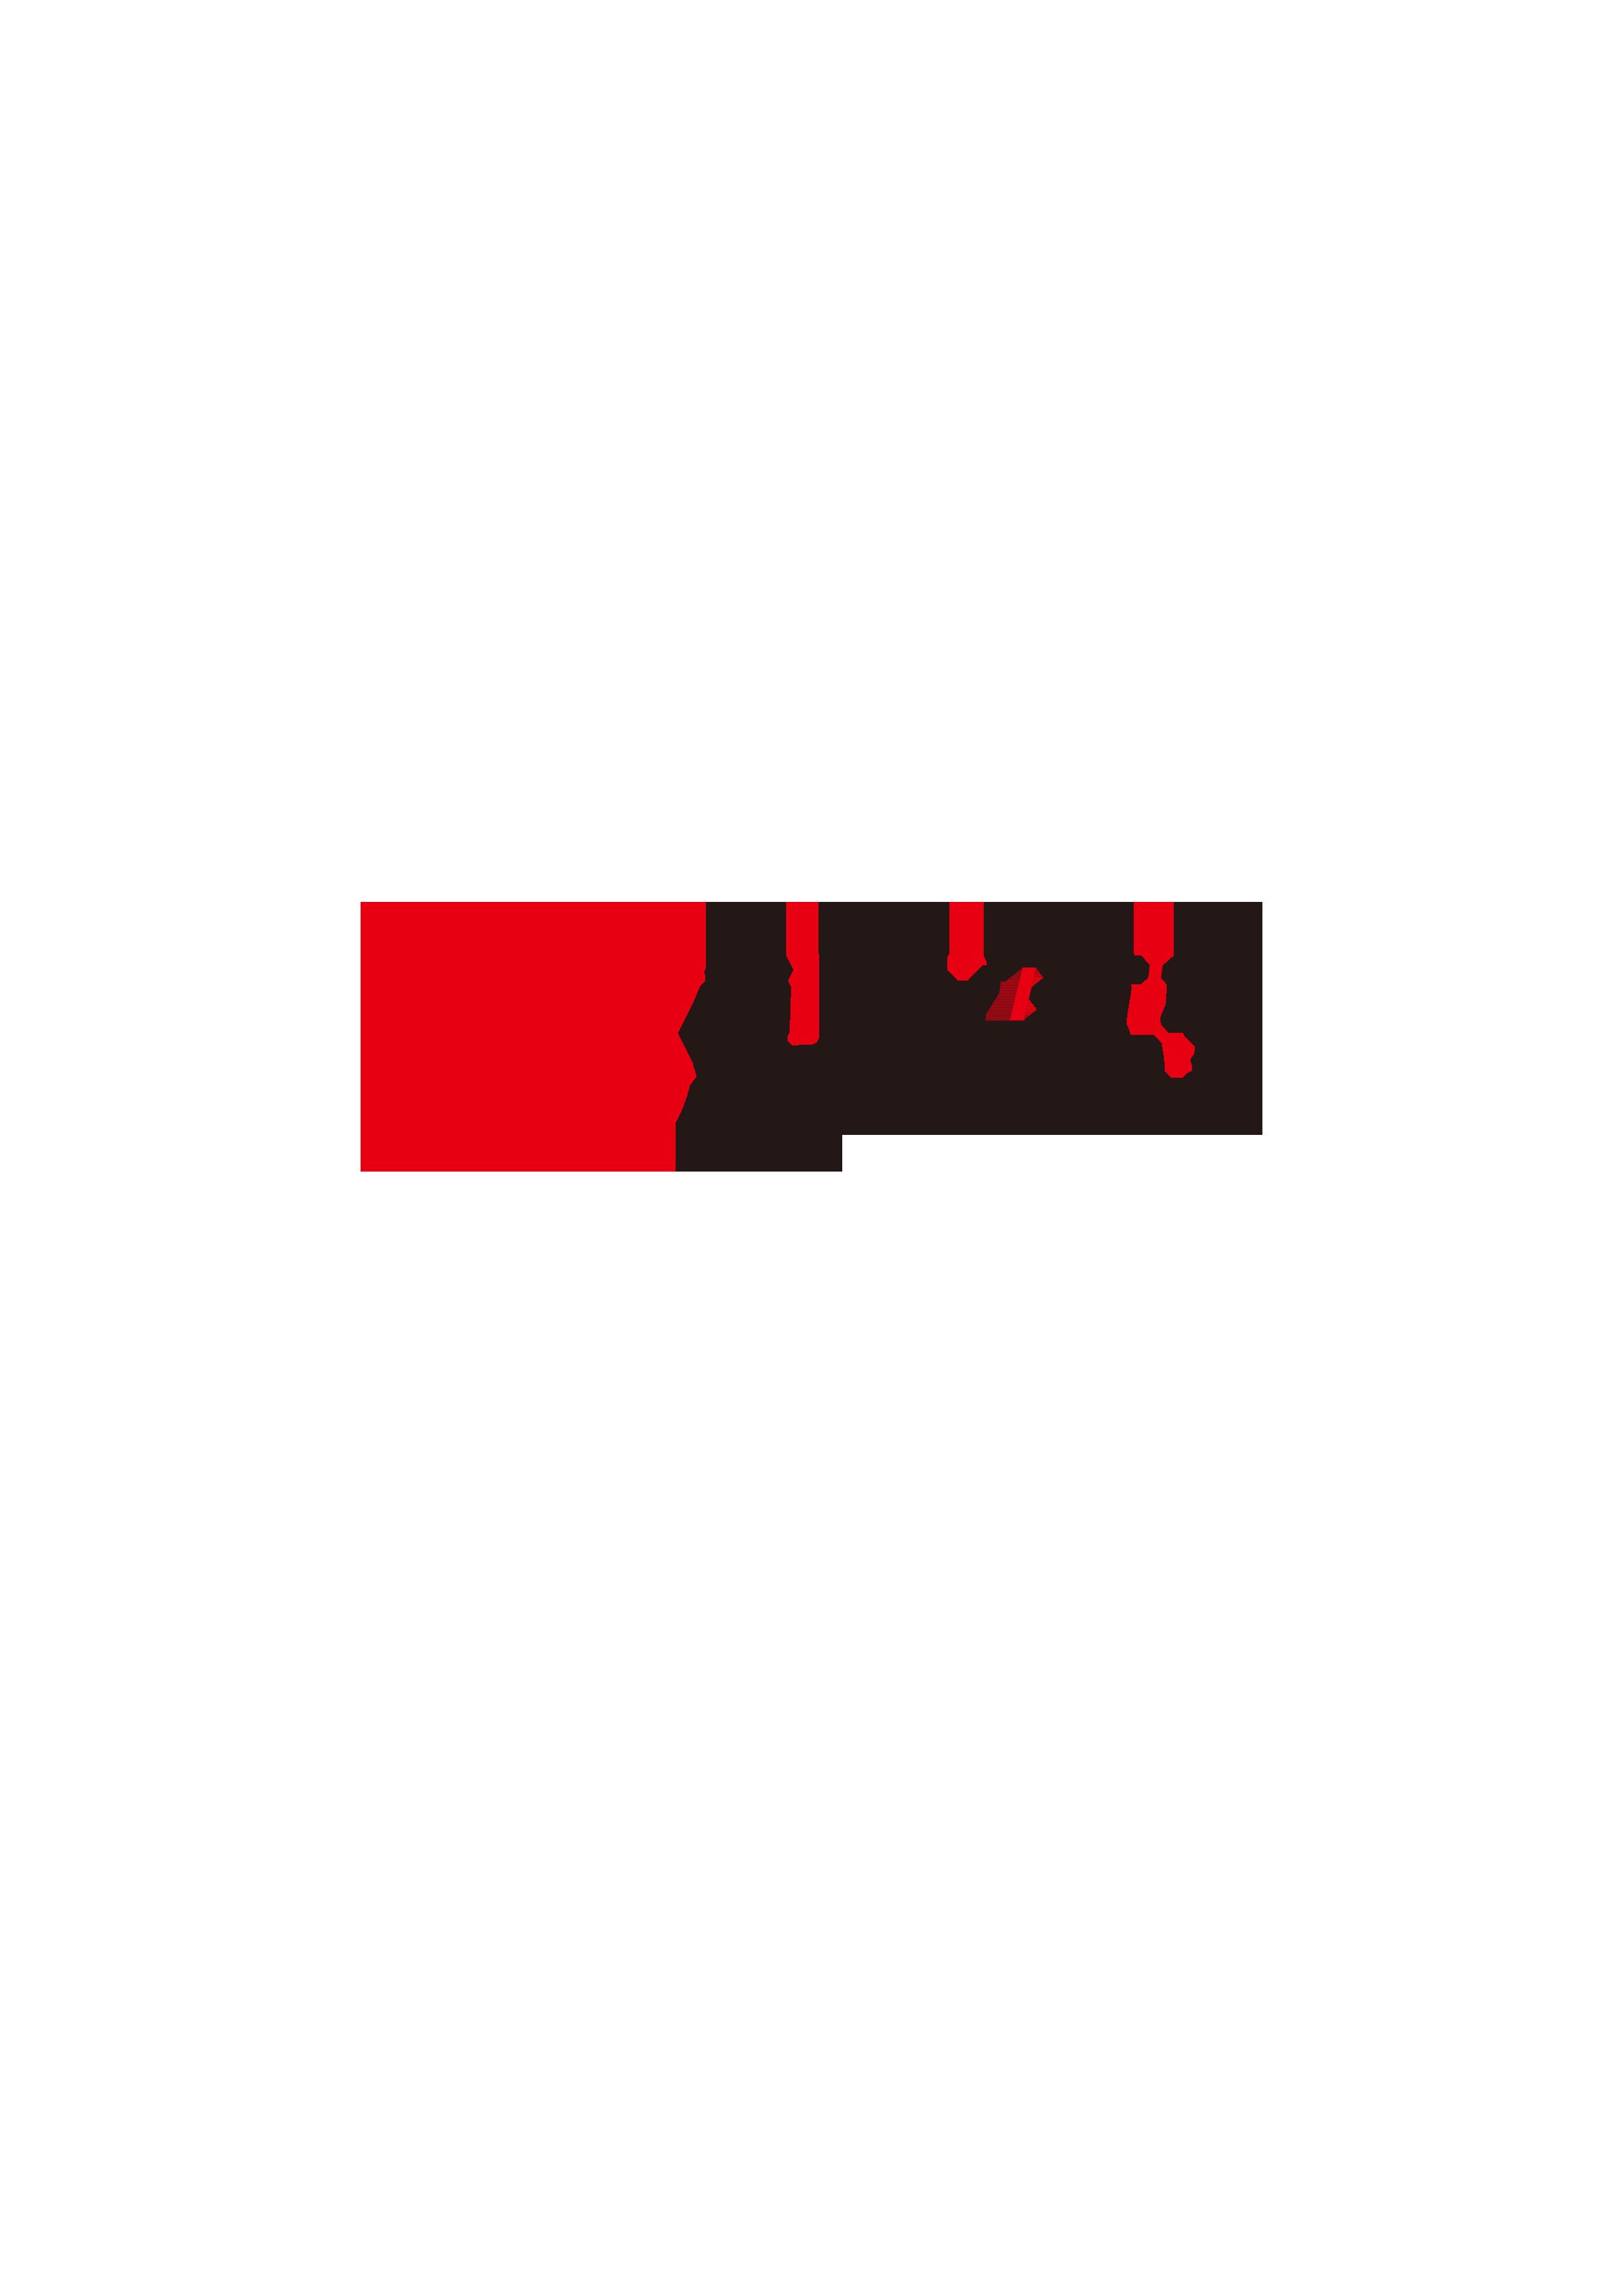 西安创优互娱网络科技有限公司